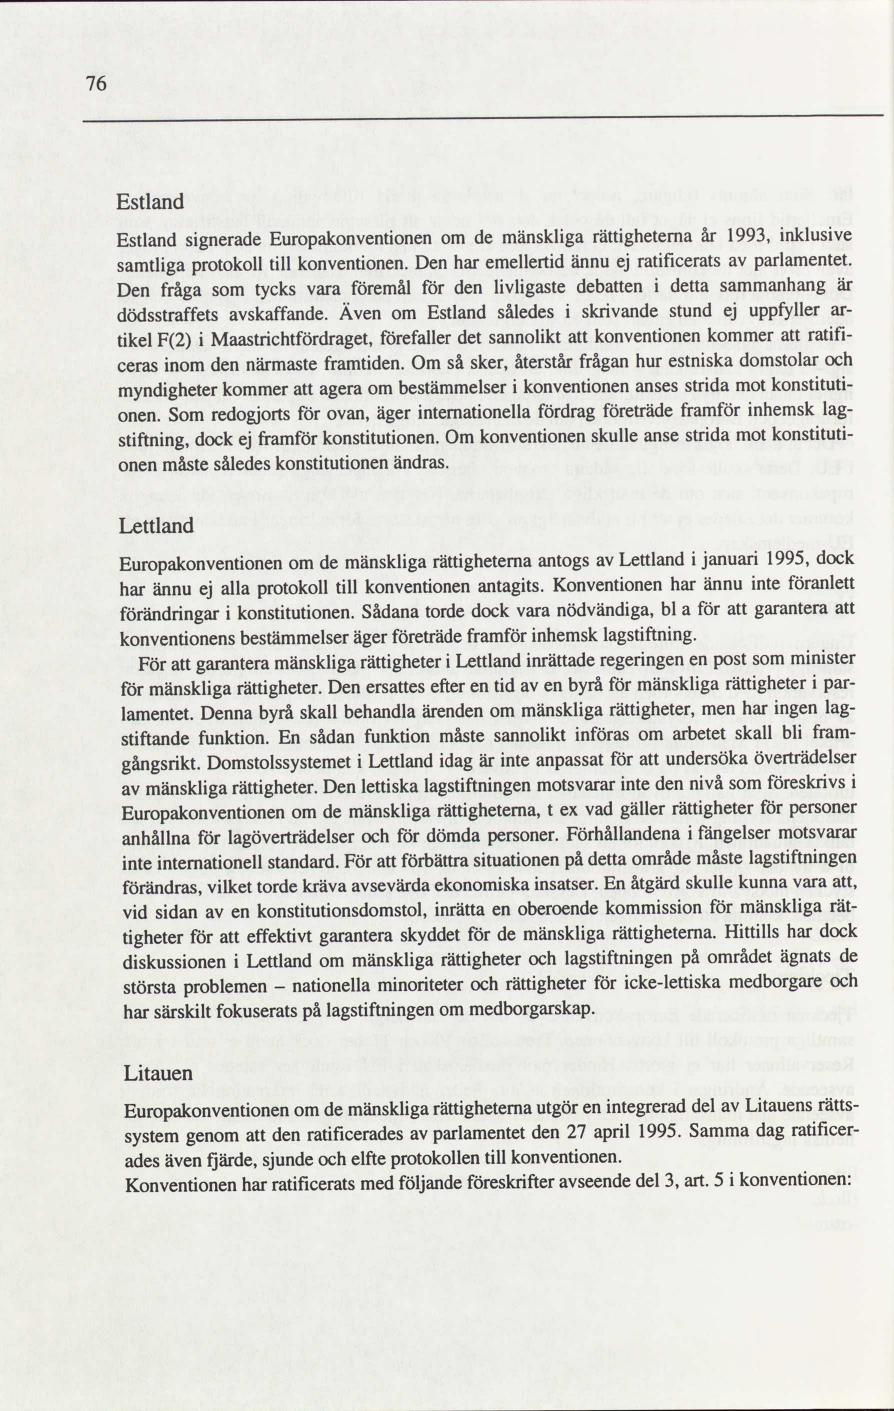 Italien ratificerade eus grundlag